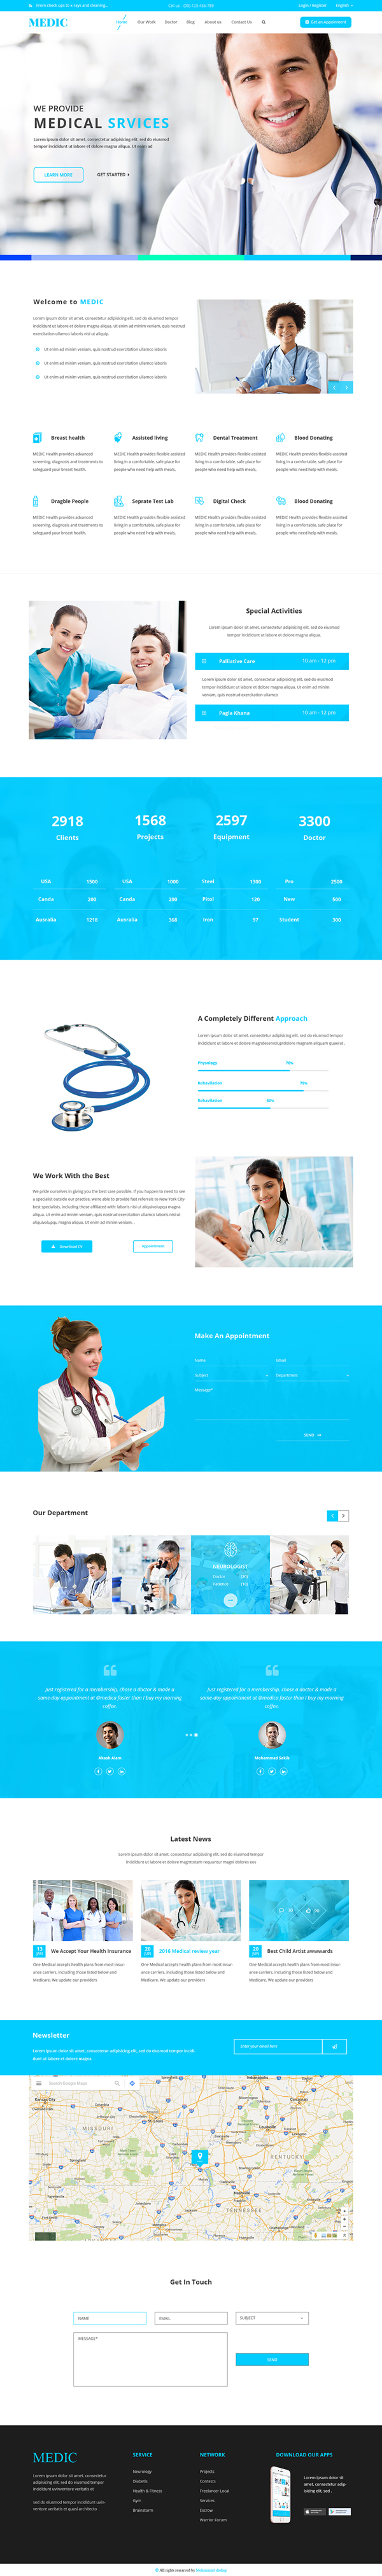 月底福利!一组高质量的网站模版PSD免费打包下载(可商用)